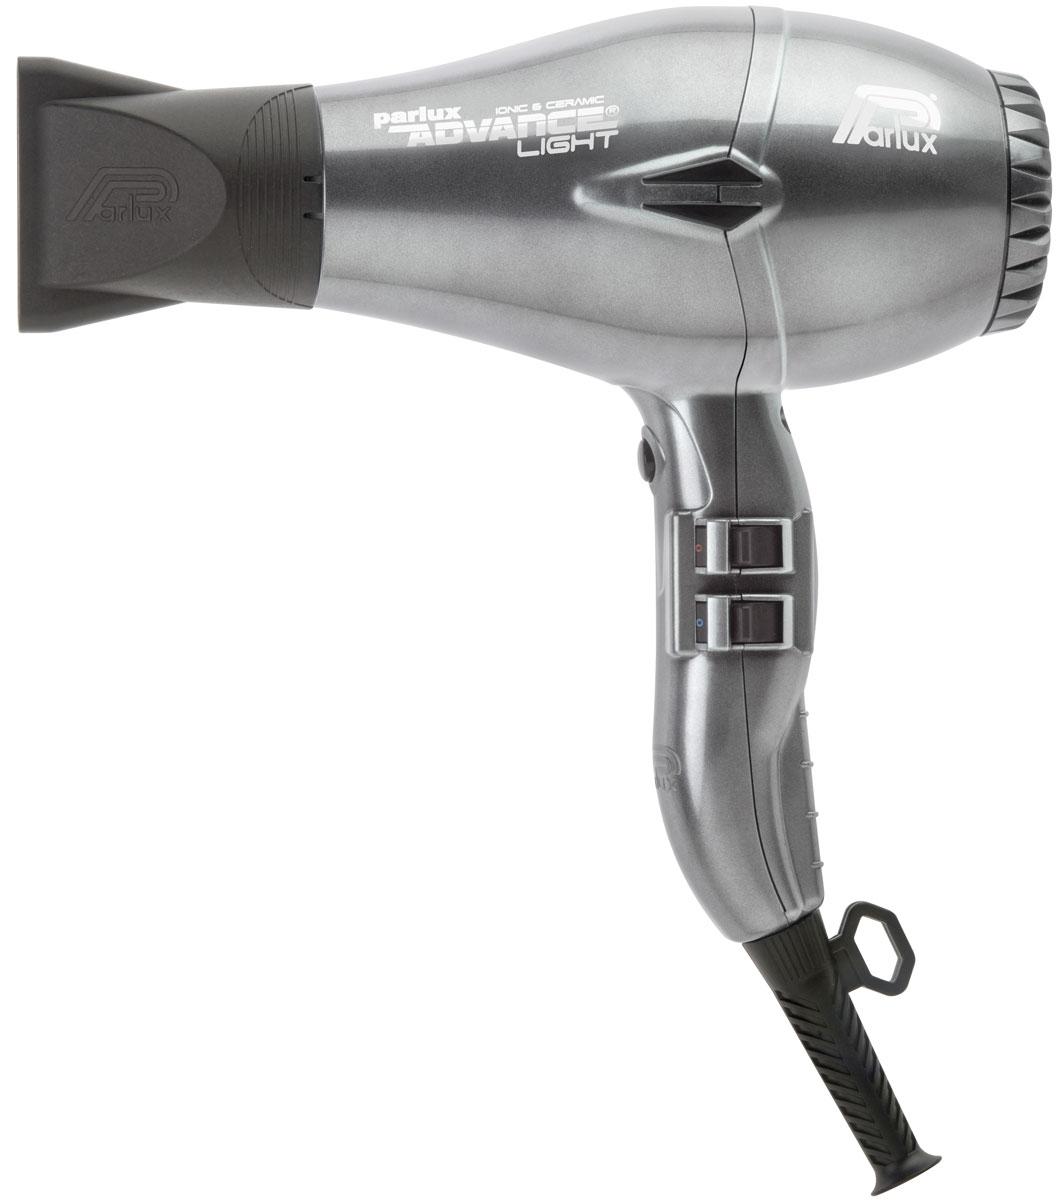 Parlux Advance Light фен0901-Adv graphiteМиссия бренда Parlux заключается в том, чтобы создавать самые лучшие фены для тех, кто дарит нам красоту - для профессиональных парикмахеров. 2 самых важных характеристики фена это высокая мощность и легкий вес. В течении 3 лет разработчики компании Parlux искали способ создать более совершенный фен, чем Parlux 385. Сегодня мы рады представить вам Parlux Advance light - очень мощный и невероятно удобный профессиональный фен. Просто легкий фен или легкий фен с идеальным балансом? Как только вы возьмете в руки новую разработку от Parlux вы почувствуете разницу! Вес фена концентрируется точно в центре, даря необыкновенное ощущение легкости. Такой баланс безусловно важен для мастеров, которые целый день работают в салоне. Визитная карточка бренда Parlux это яркие и необычные цвета. Не откажите себе в удовольствии приобрести фен, который создавали с любовью к парикмахерам!